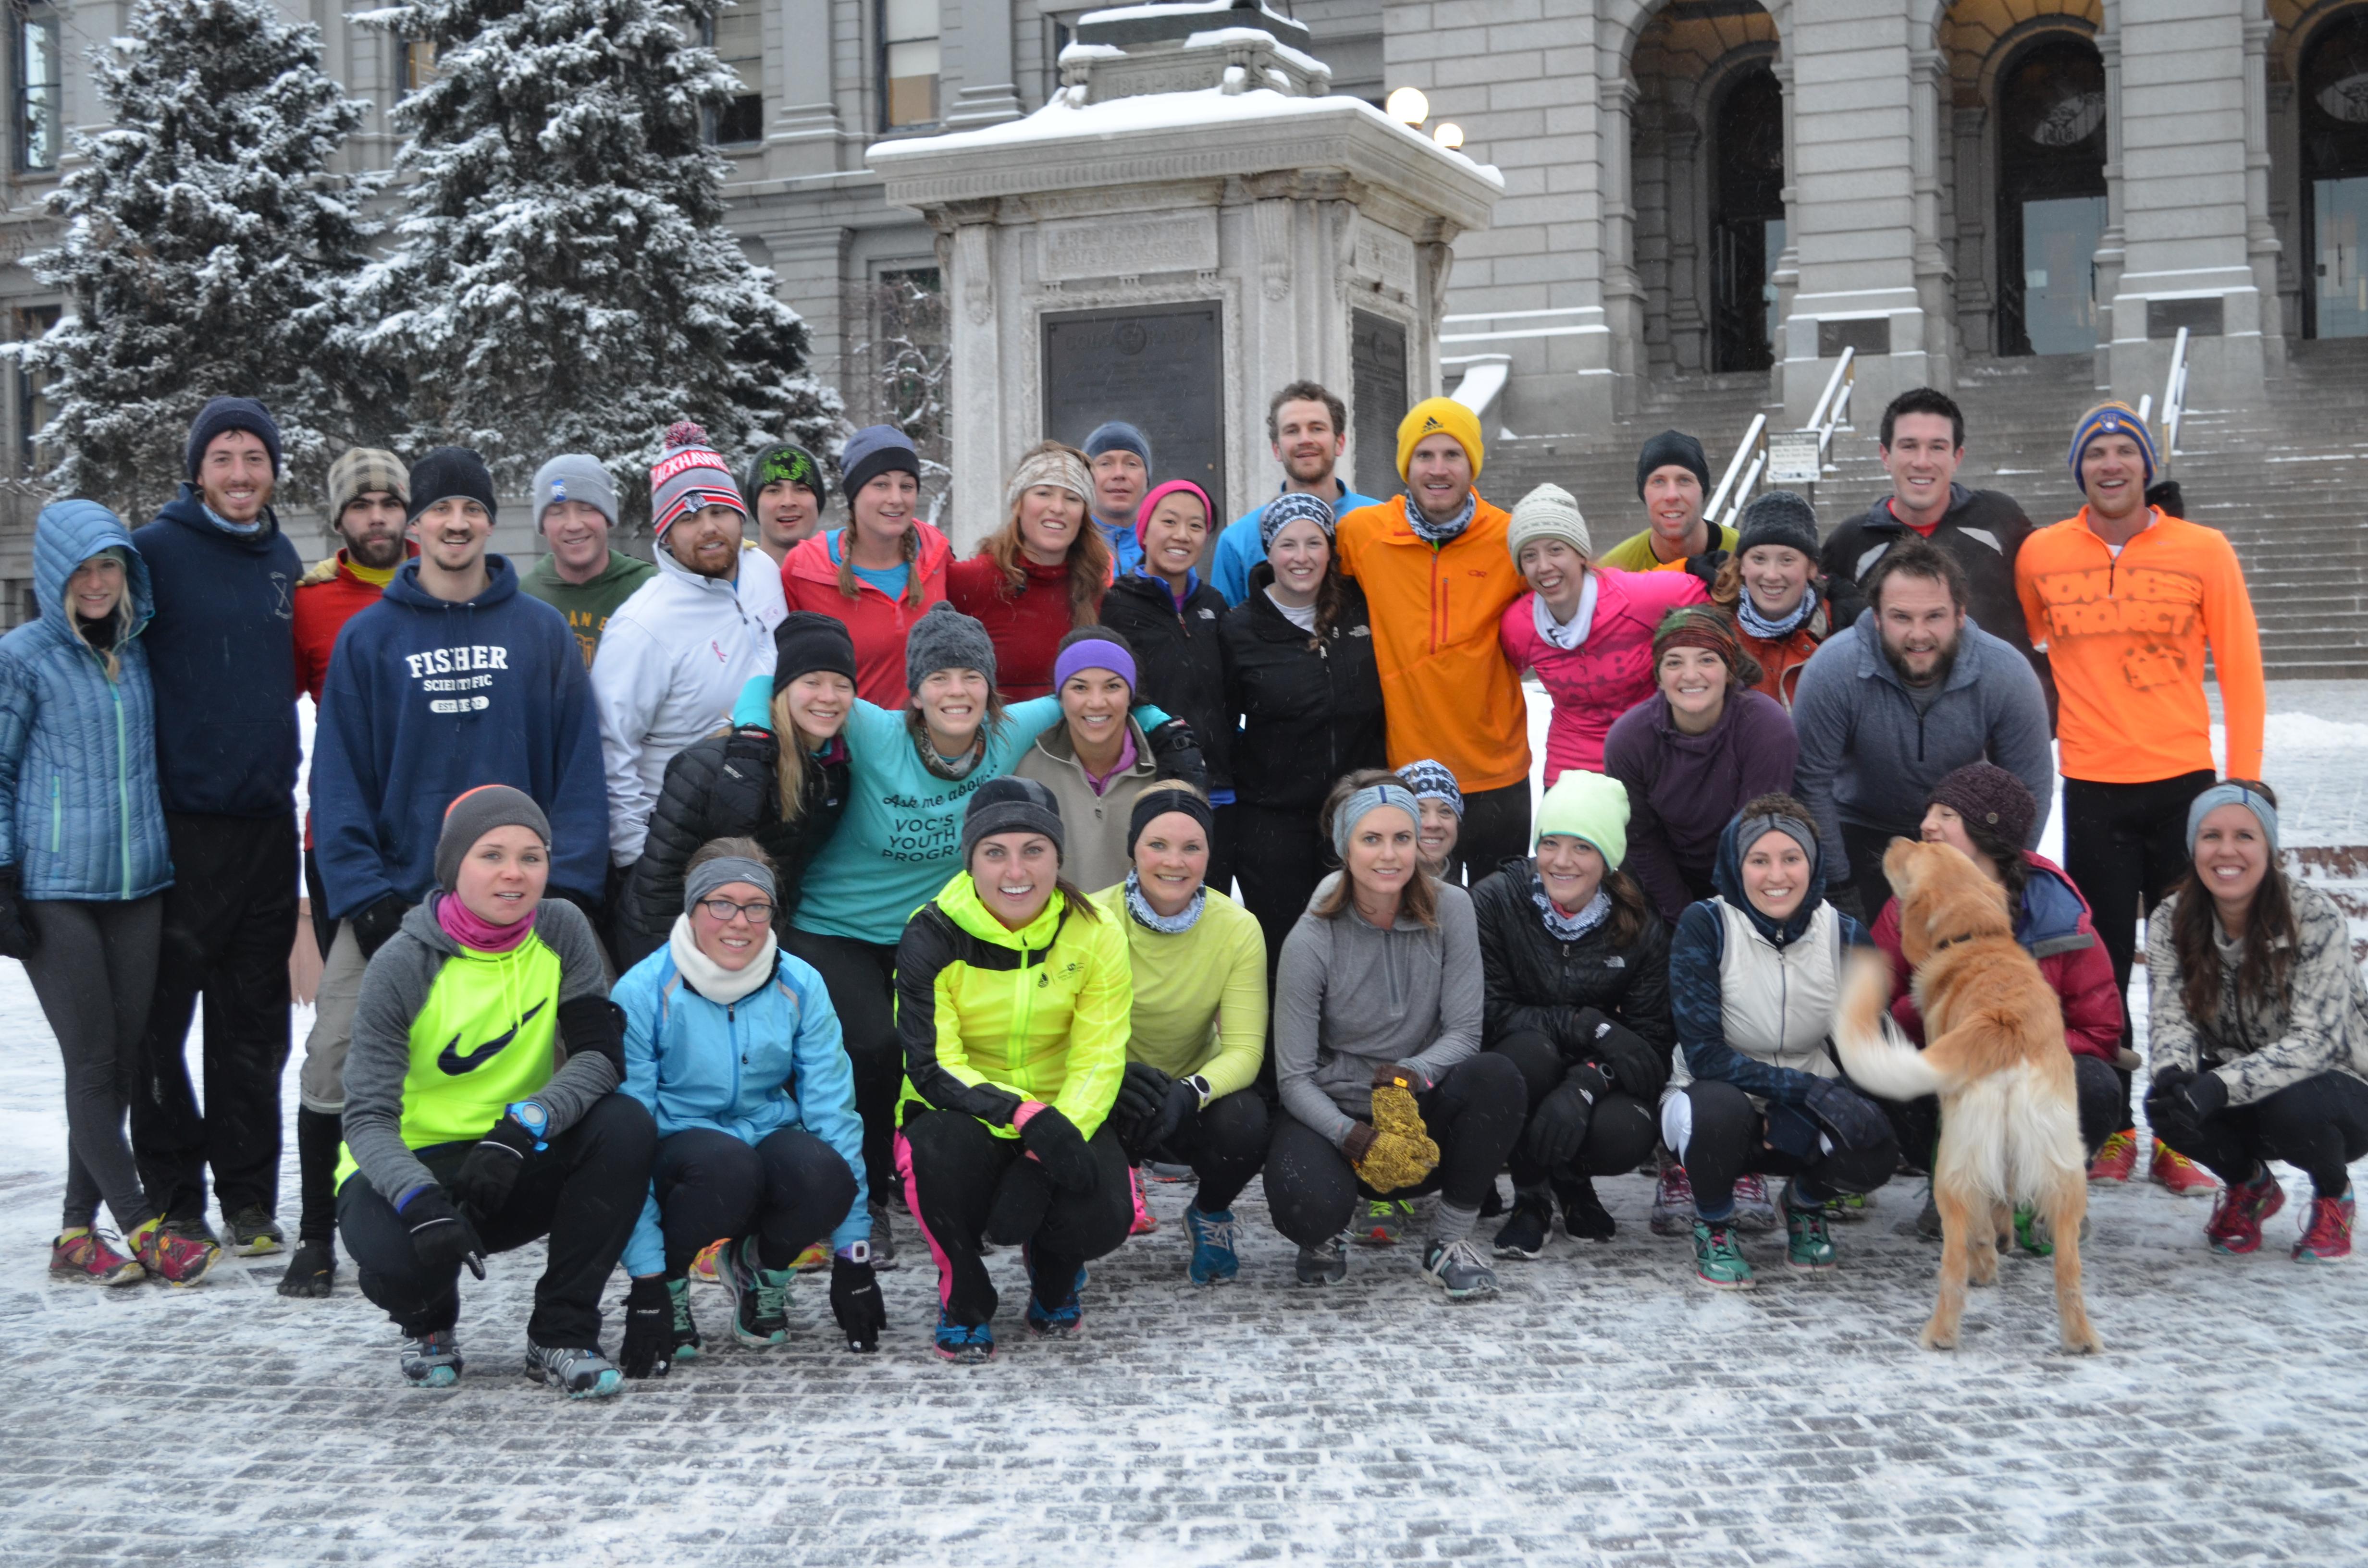 November Project Denver - 615 Group